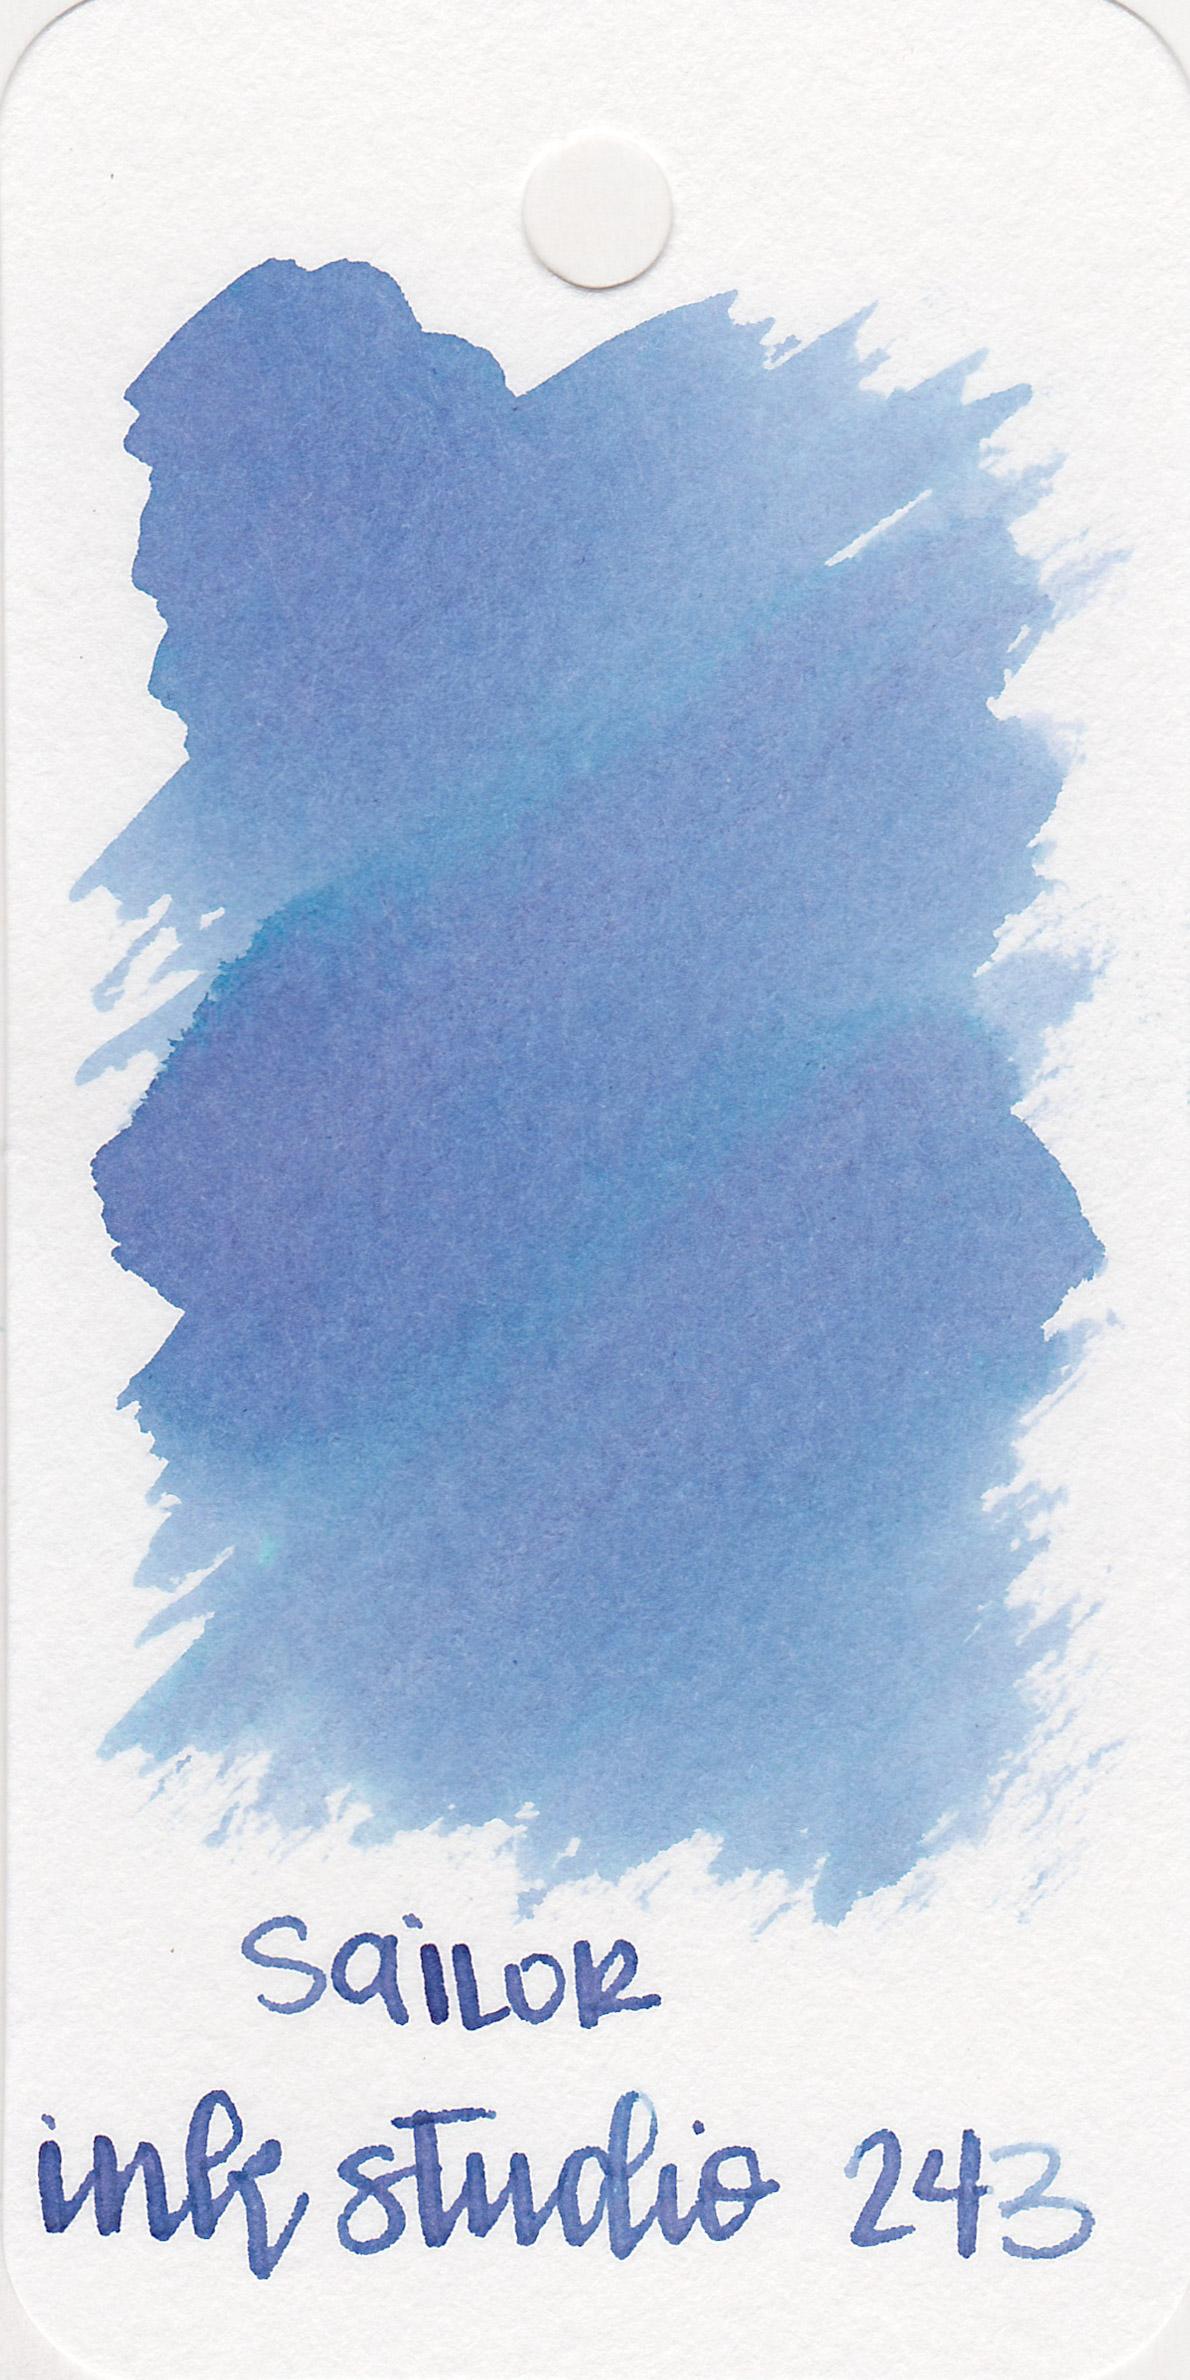 sis-243-1.jpg